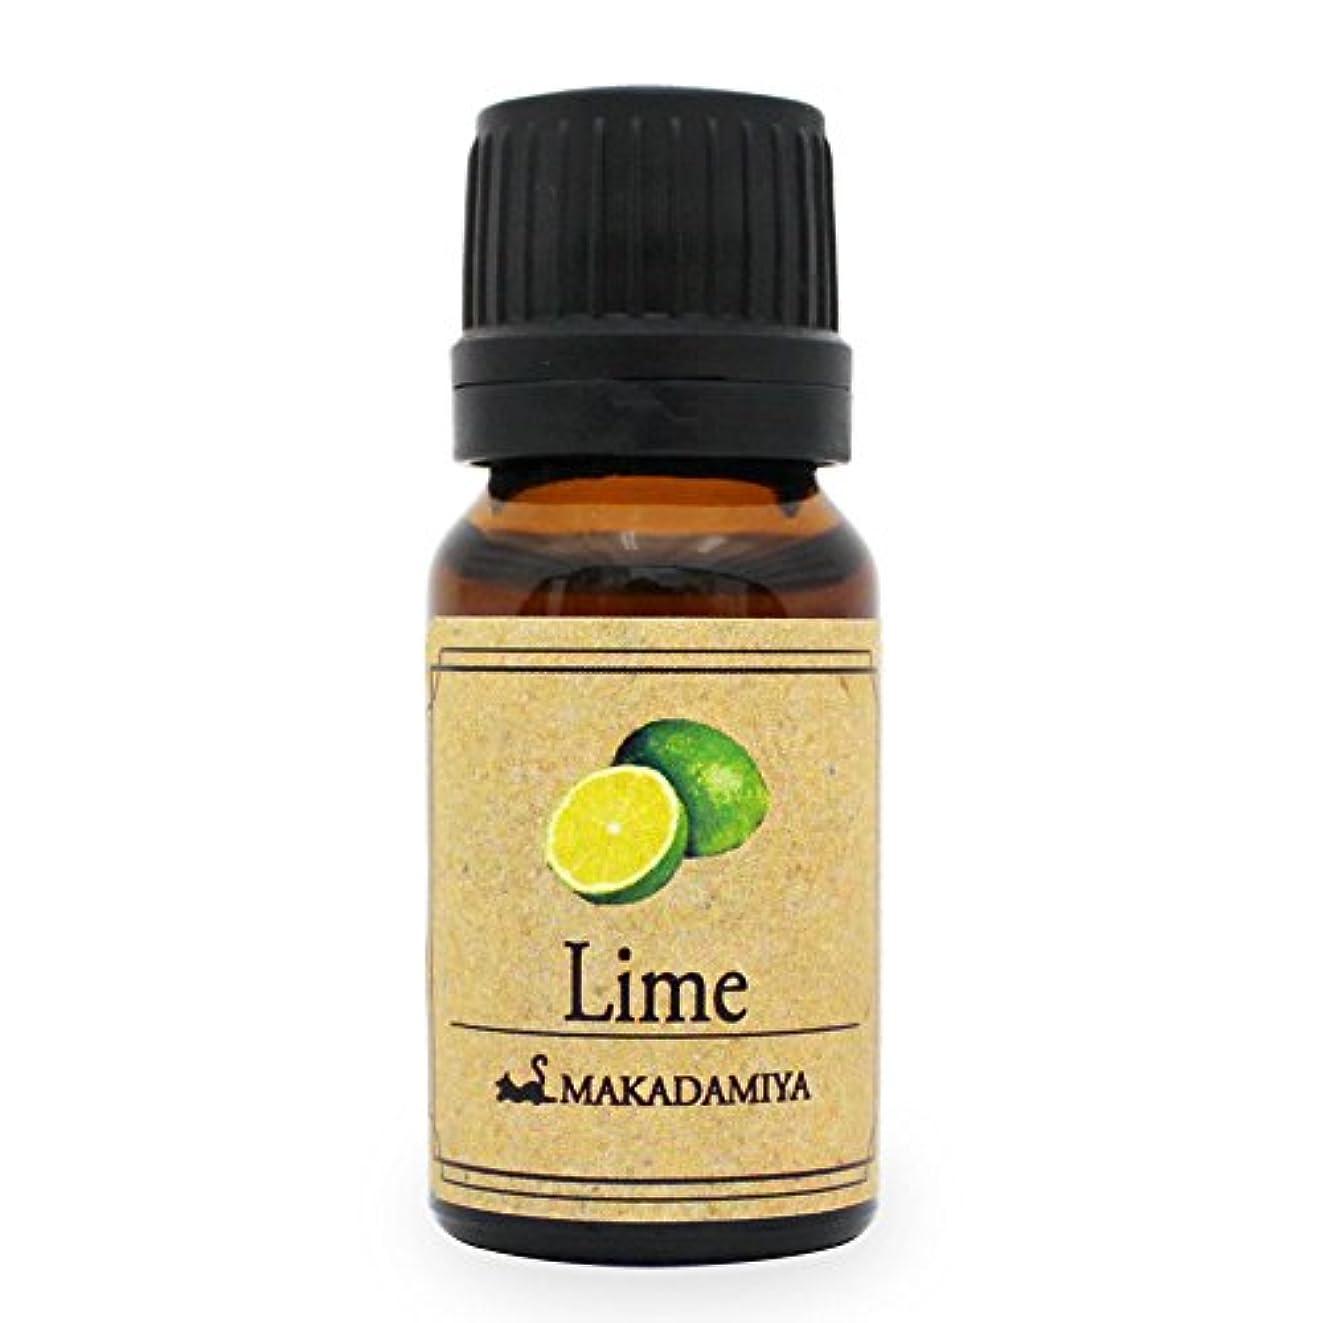 サーバ準備する常識ライム10ml 天然100%植物性 エッセンシャルオイル(精油) アロマオイル アロママッサージ aroma Lime